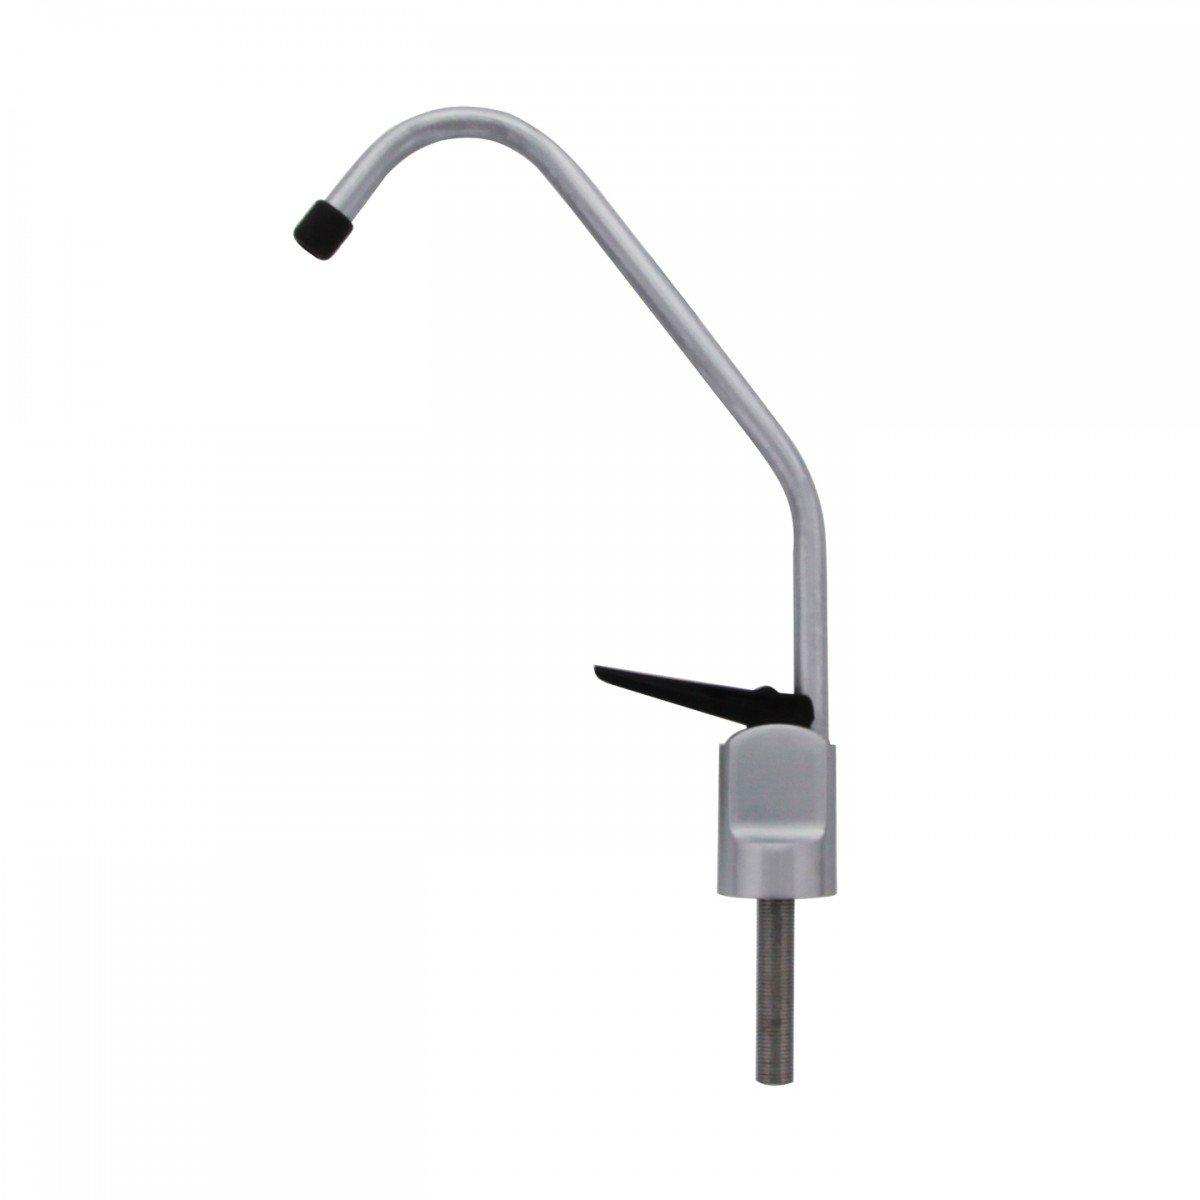 Hydrotech 92192 Chrome Air-Gap Long Reach Faucet